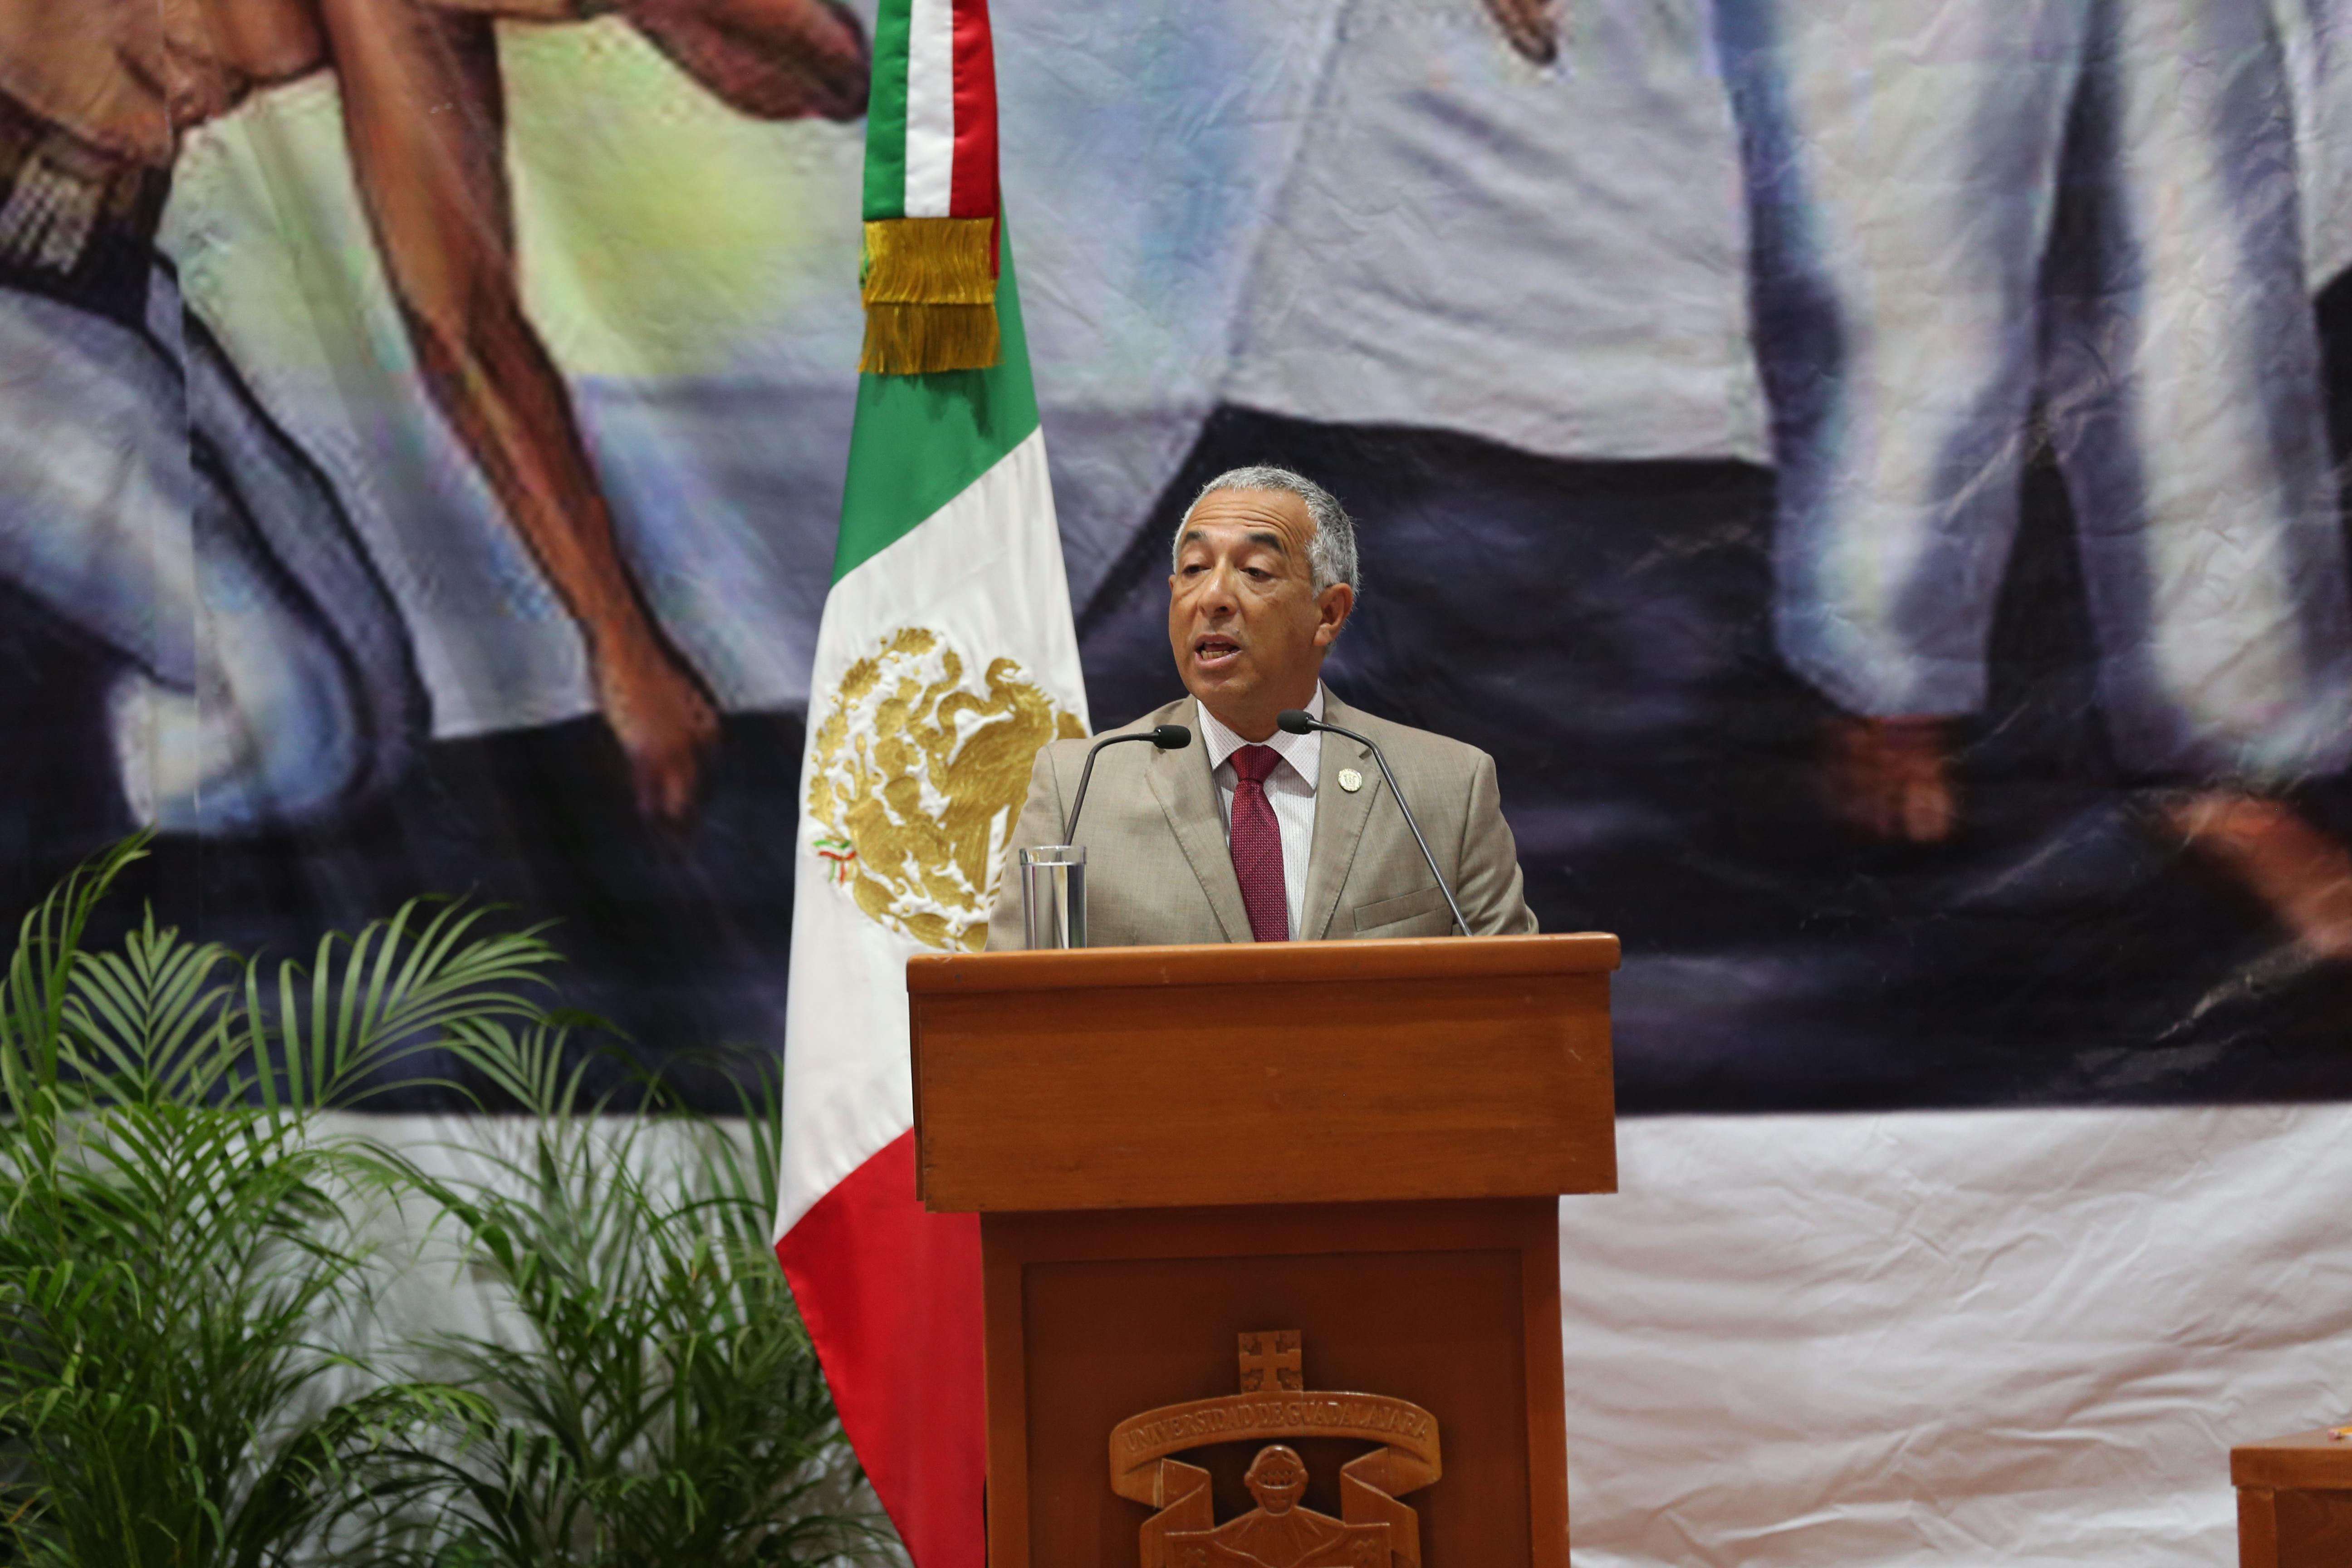 Rector del Centro Universitario del Sur (CUSur), para el periodo 2016-2019, el doctor Ricardo Xicoténcatl García Cauzor